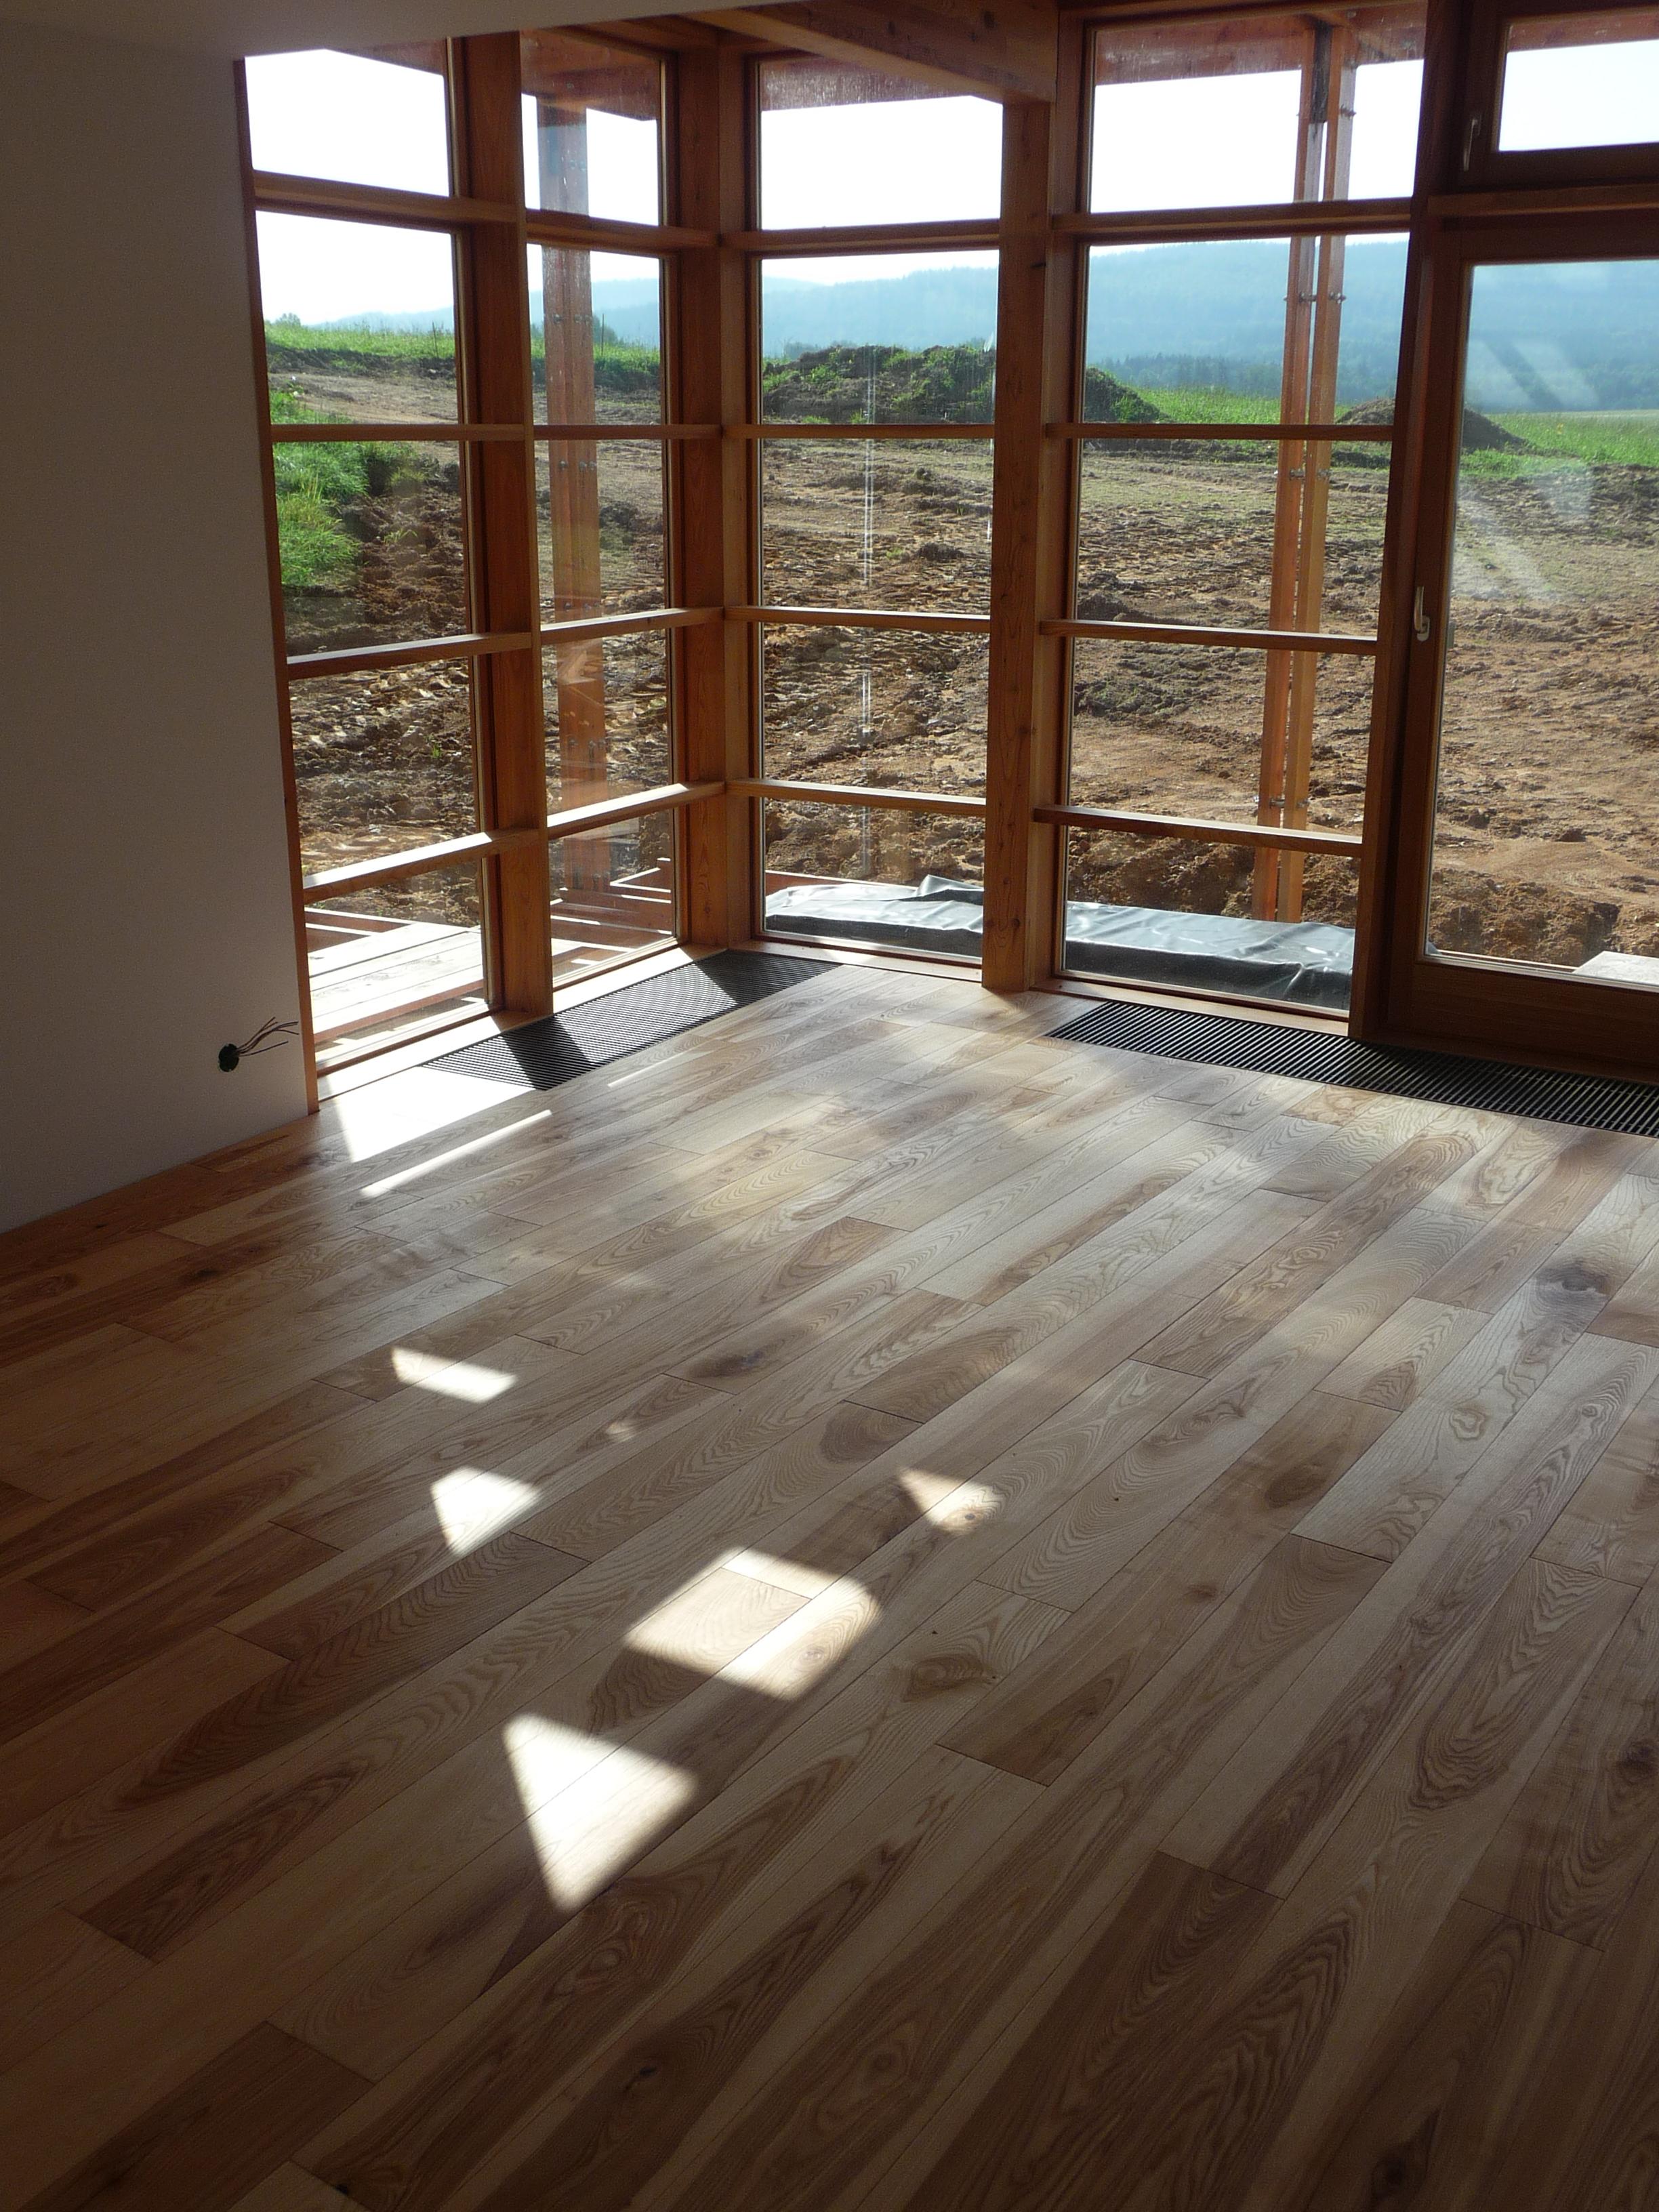 Dřevěná podlaha a rohové okno